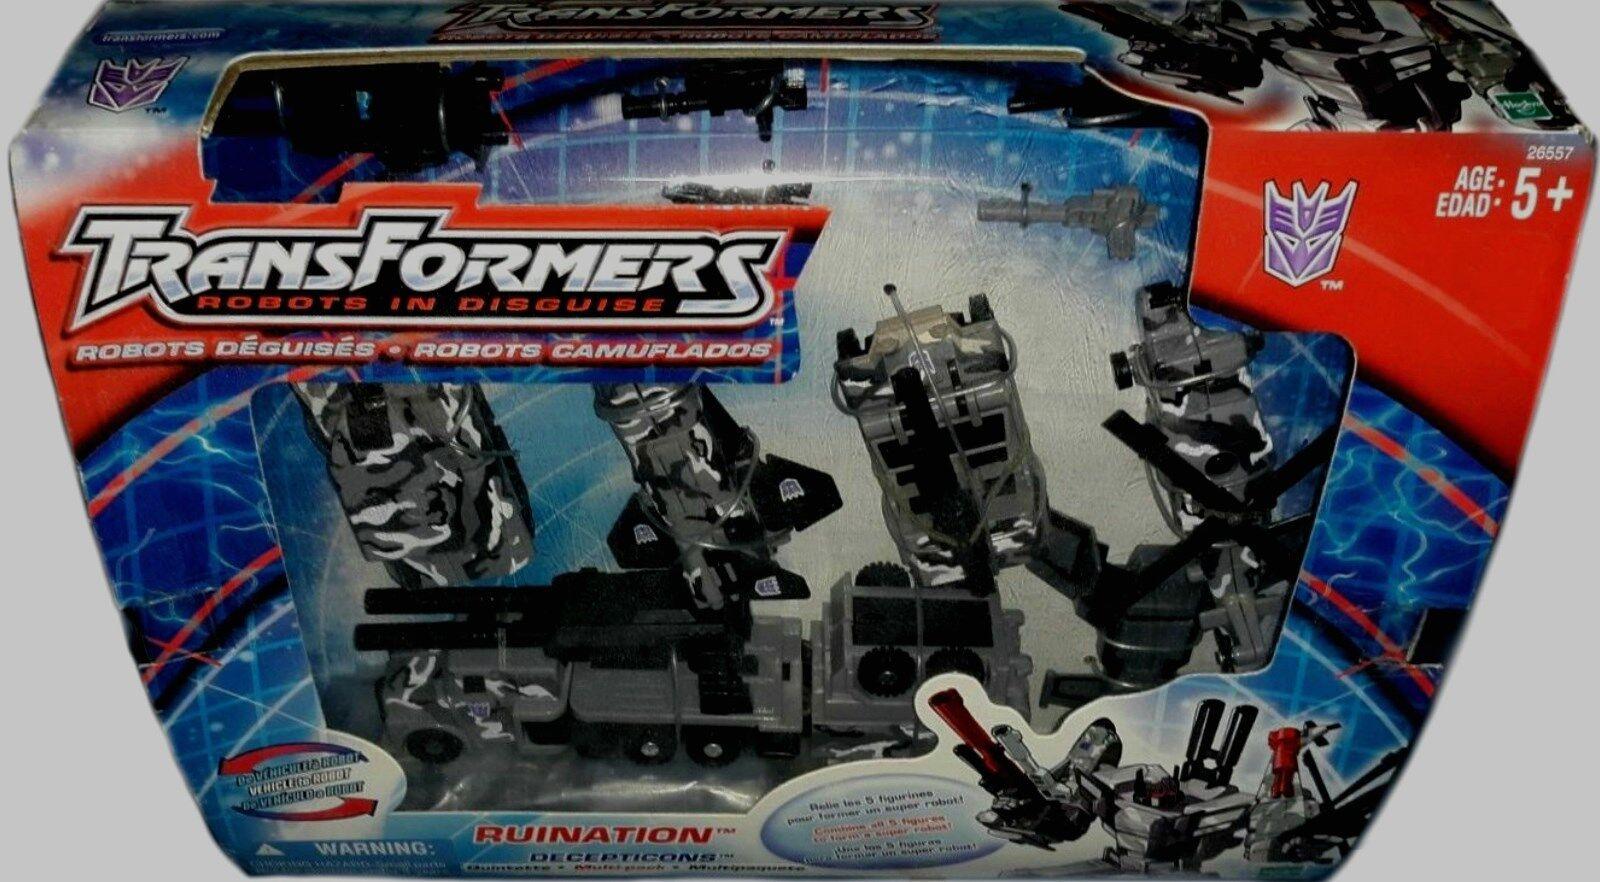 Transformers Robots in Disguise ruina Combinador Robot Nuevo Sellado De Fábrica 2002